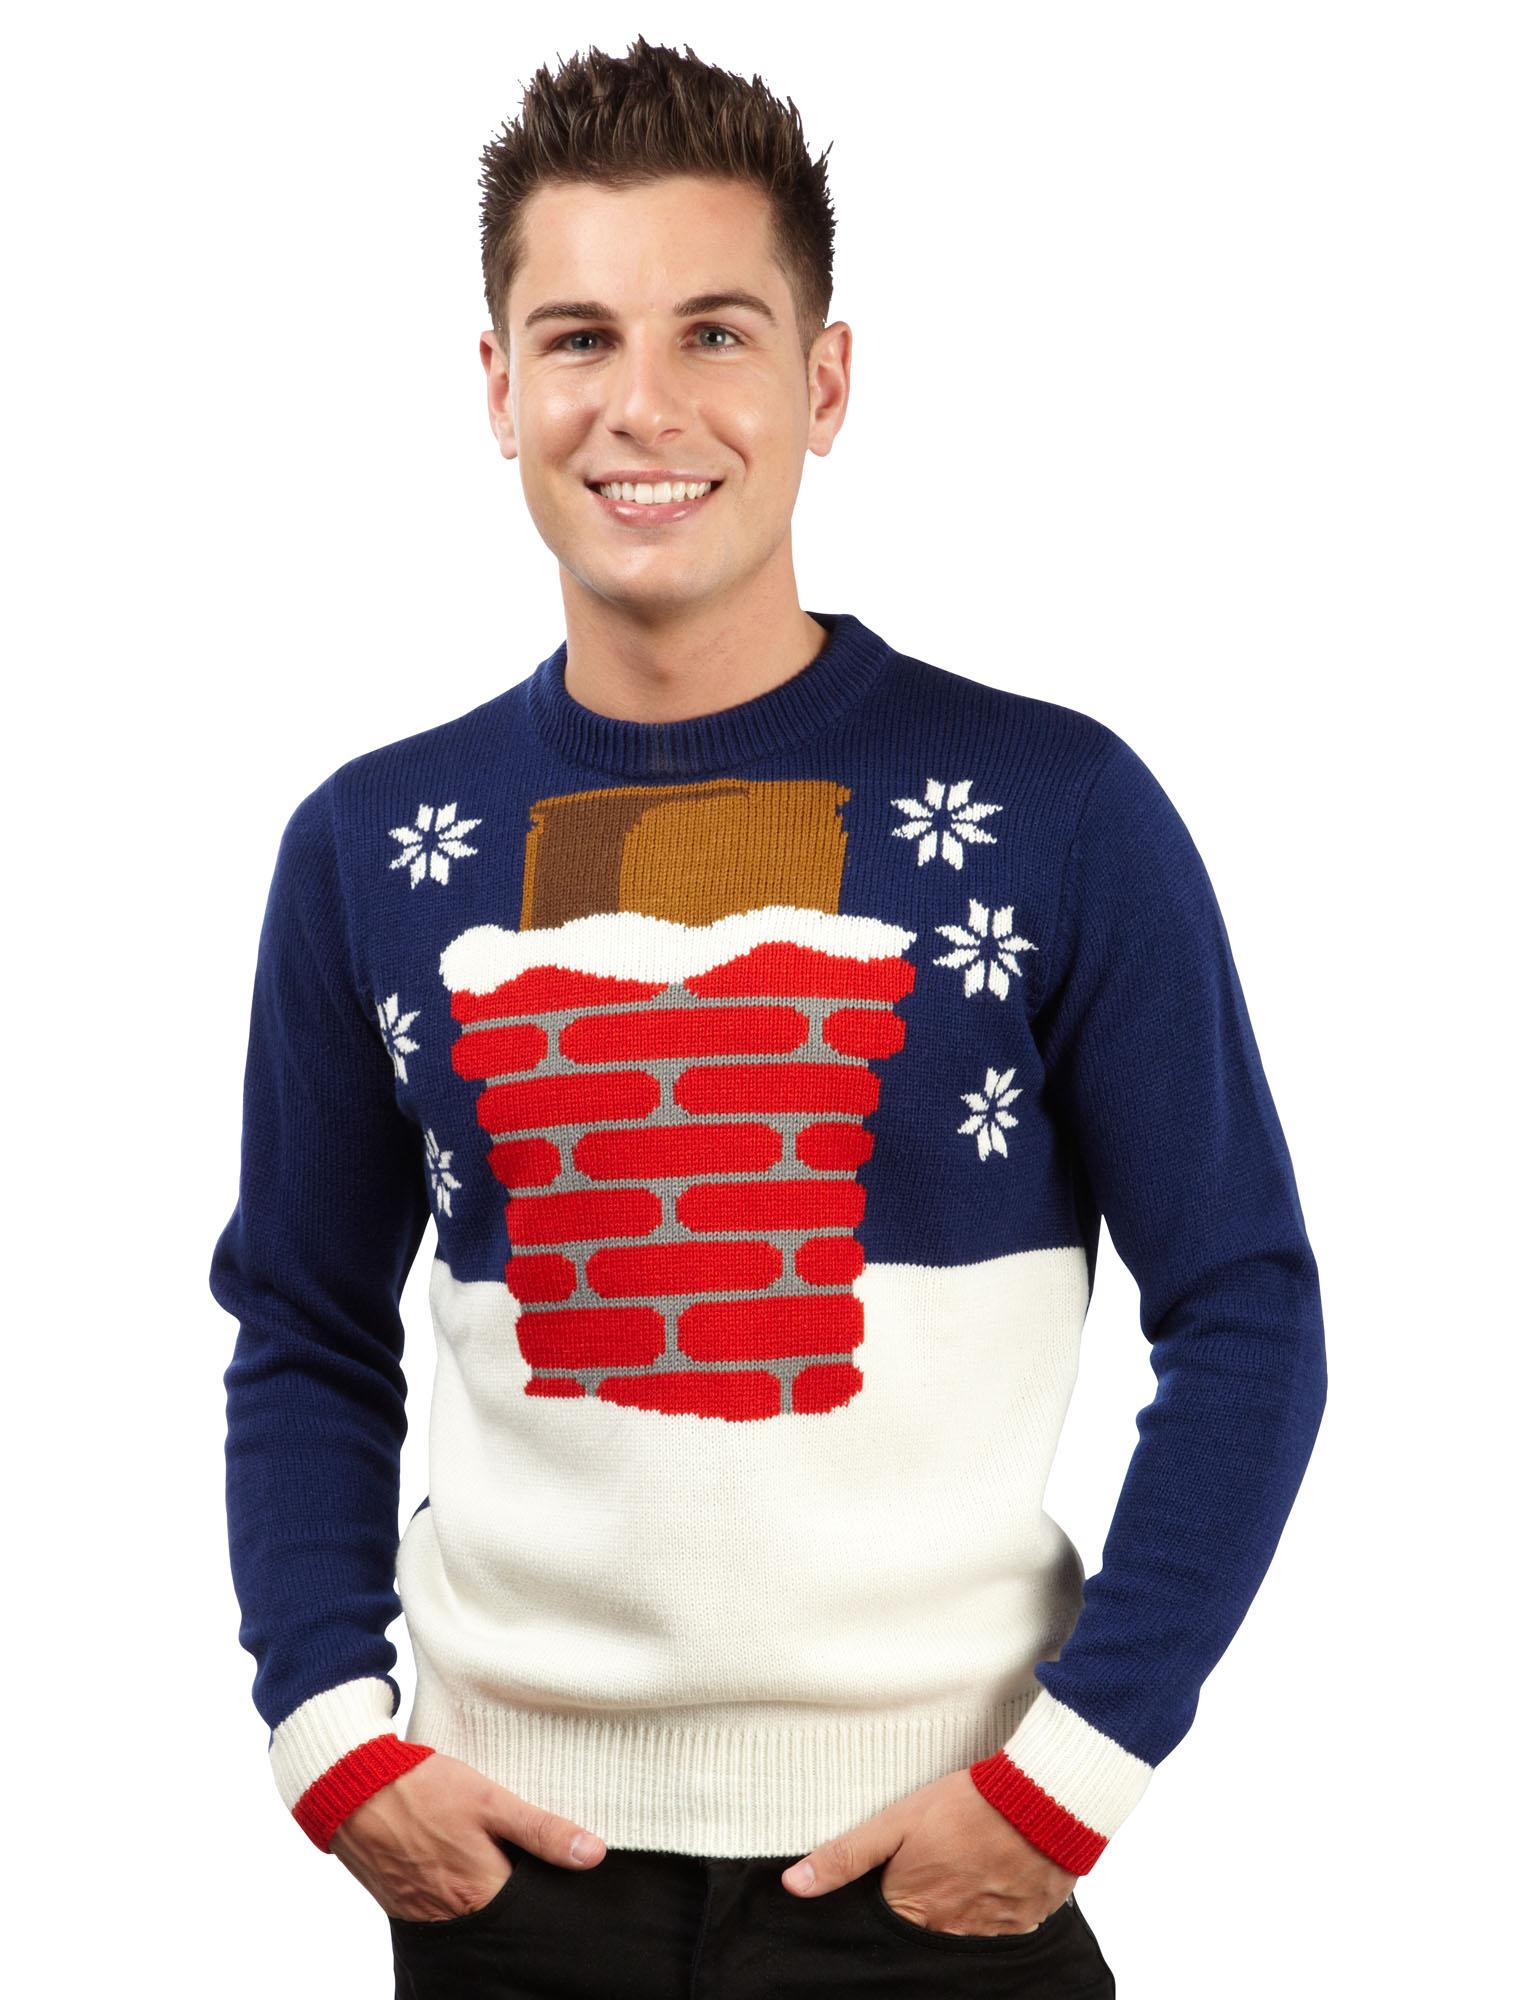 Christmas Jumper Knitting Patterns For Men : Mens Christmas Jumper Novelty Knitted Xmas Jumpers Sweater Top New eBay